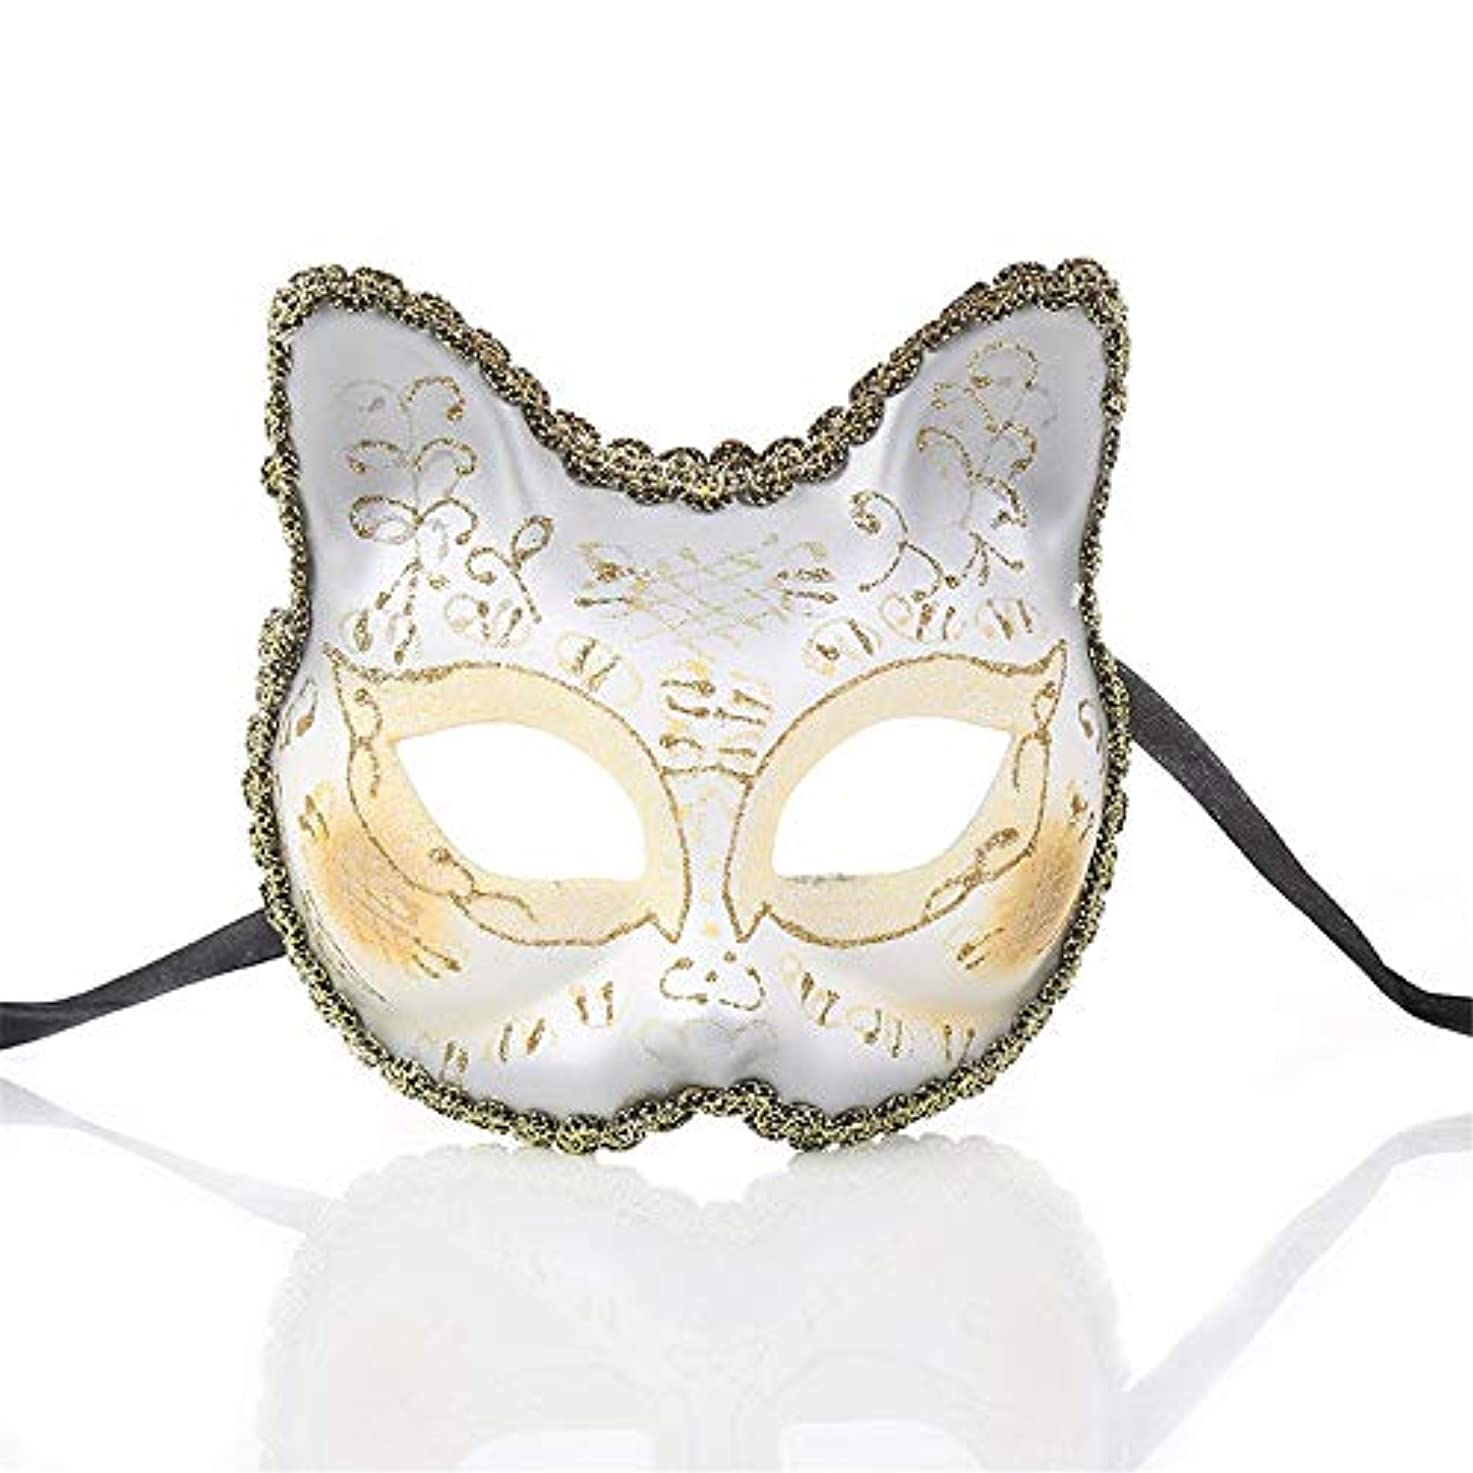 集中であること無礼にダンスマスク ワイルドマスカレードロールプレイングパーティーの小道具ナイトクラブのマスクの雰囲気クリスマスフェスティバルロールプレイングプラスチックマスク ホリデーパーティー用品 (色 : 白, サイズ : 13x13cm)